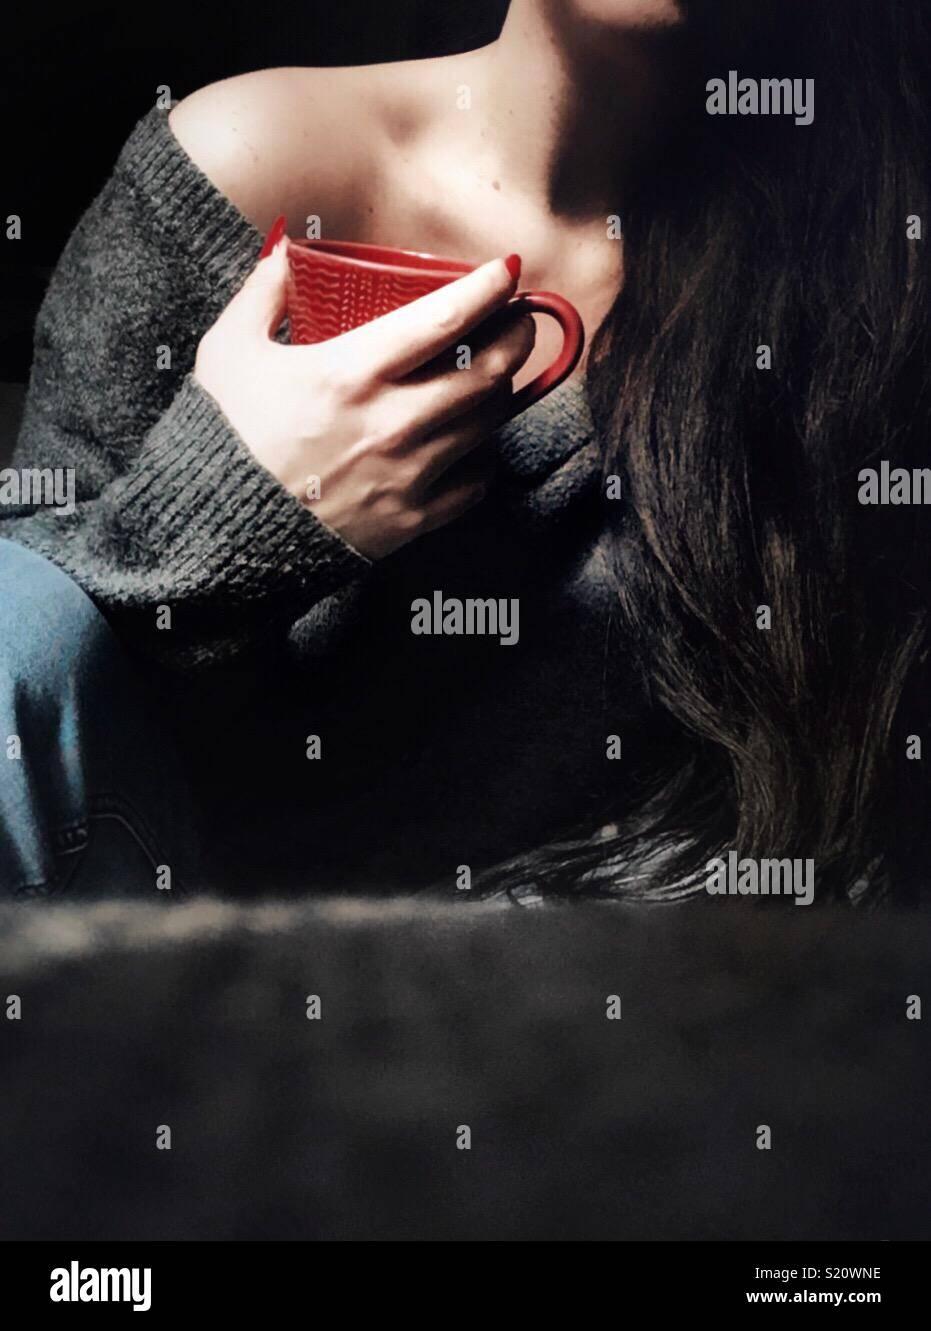 Mujer con largo cabello oscuro sosteniendo una taza roja Imagen De Stock